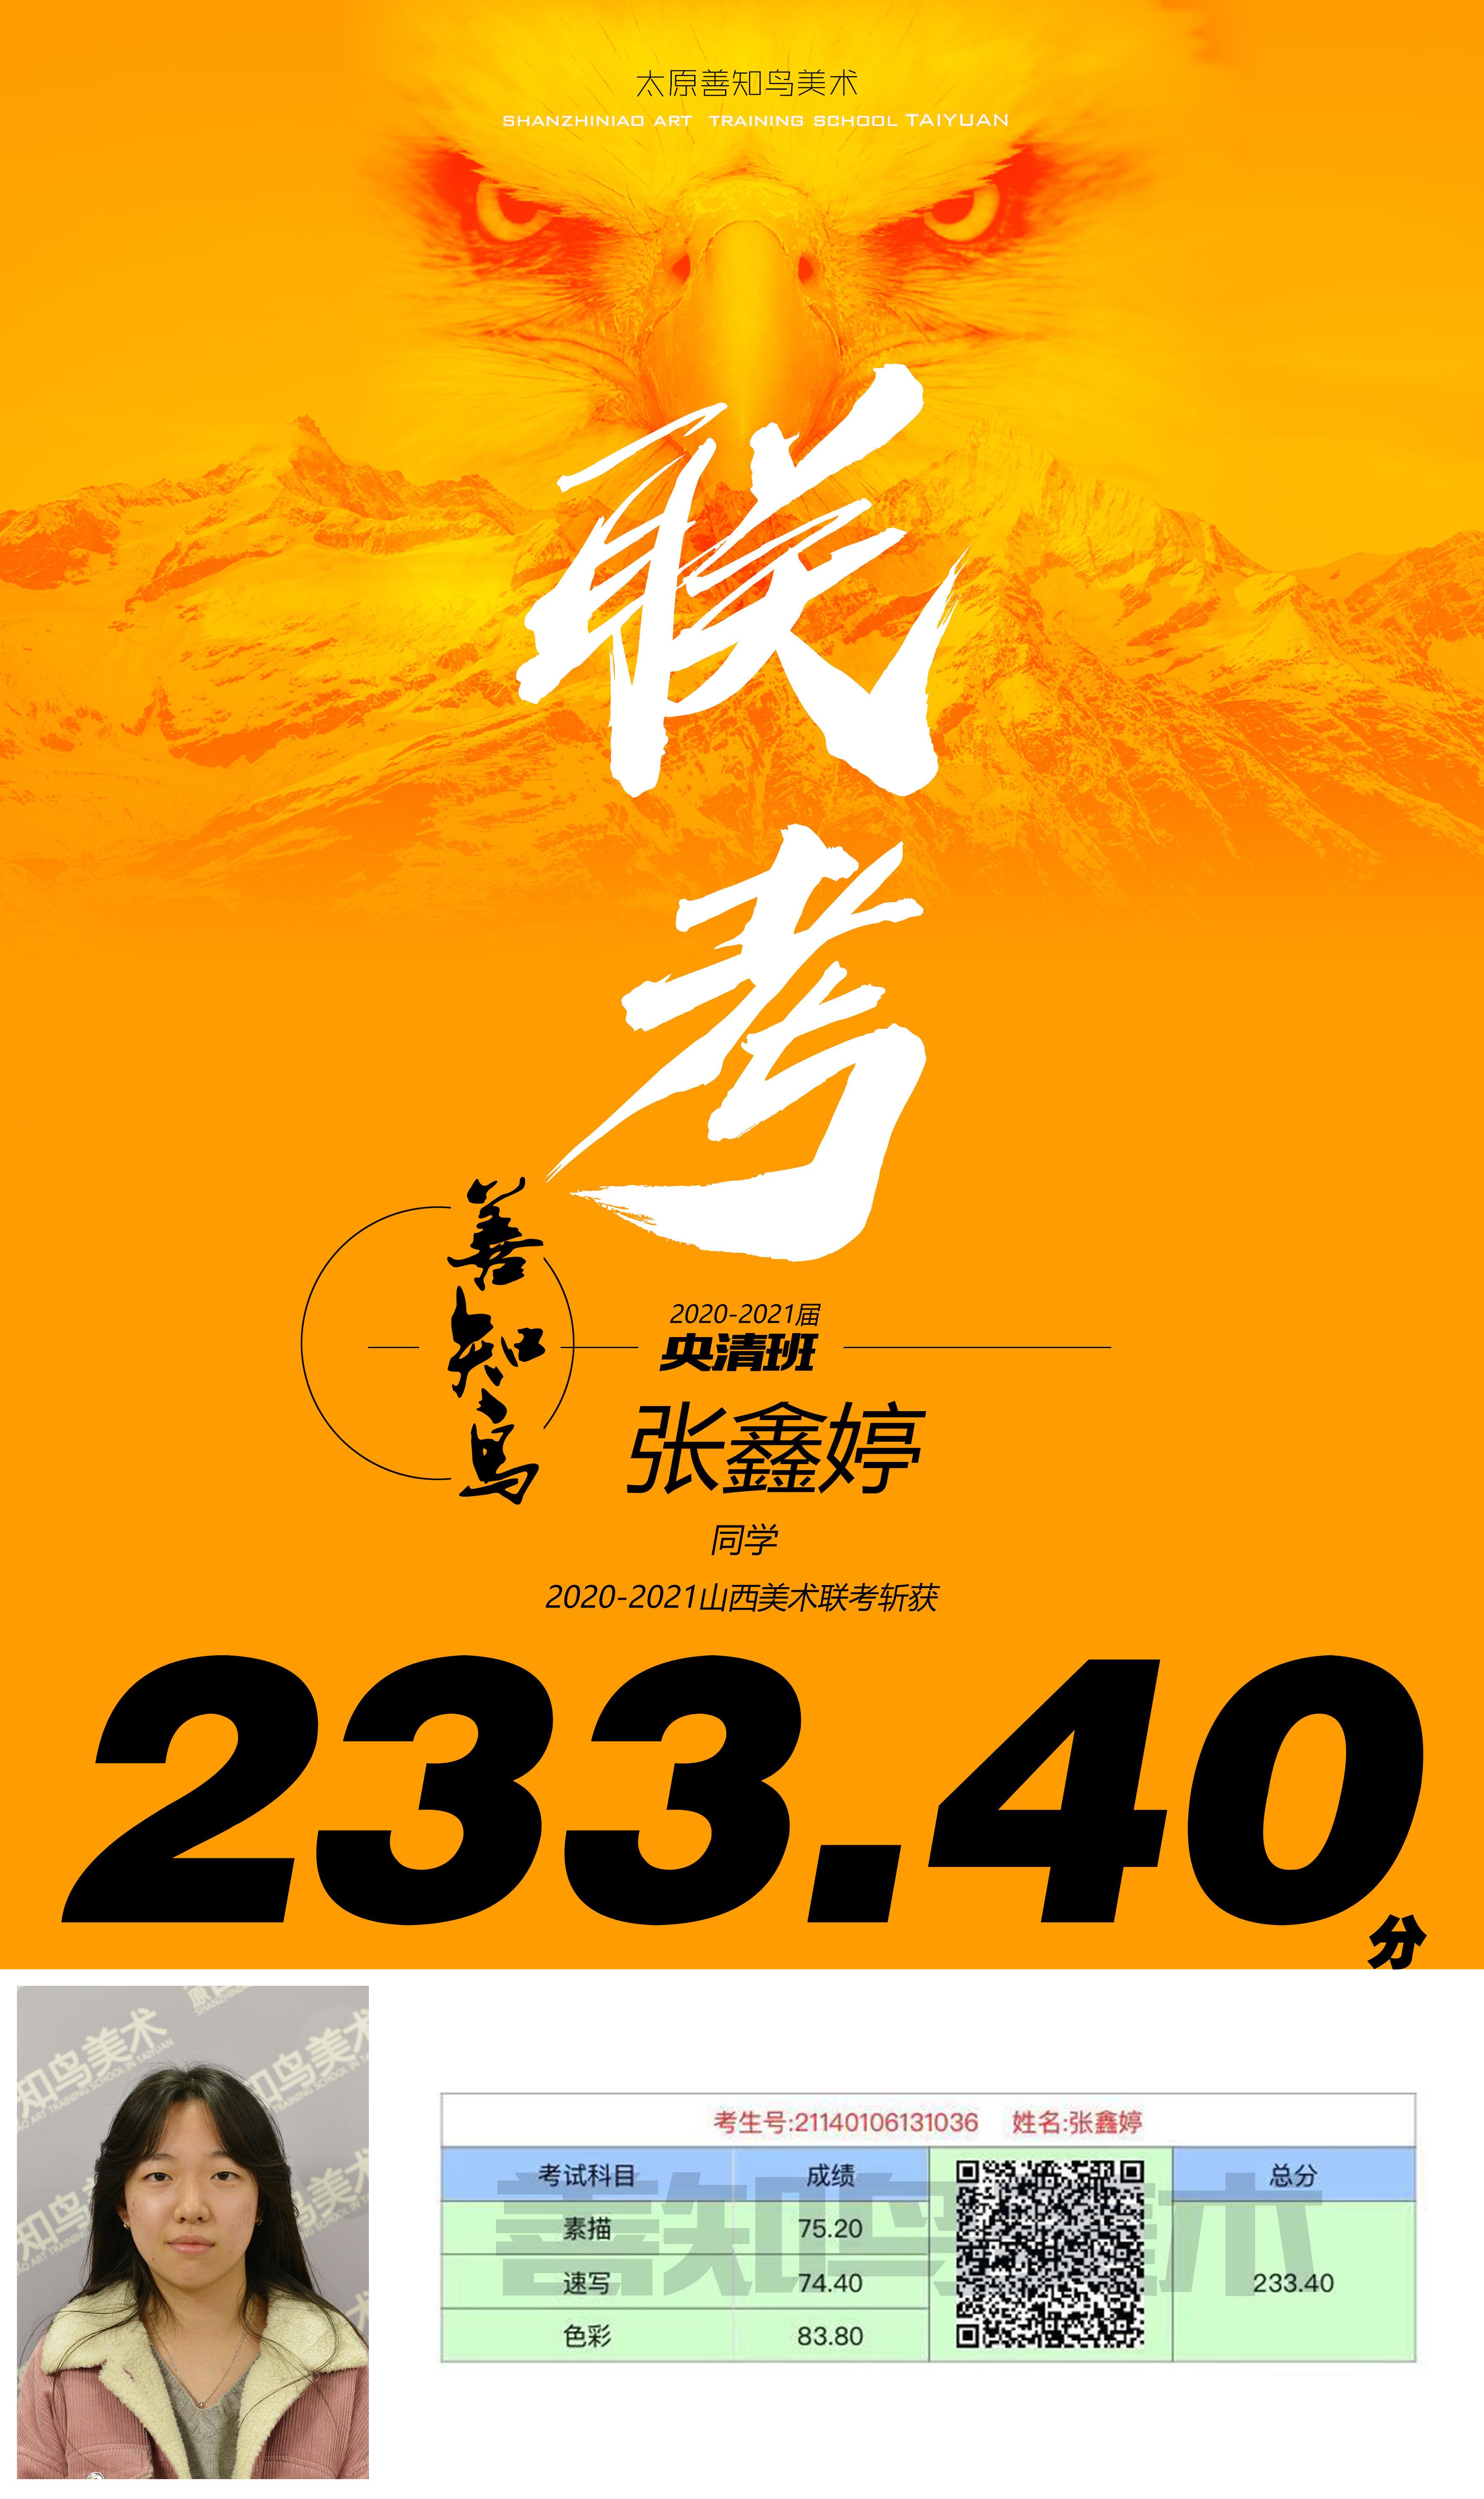 233.40张鑫婷.jpg